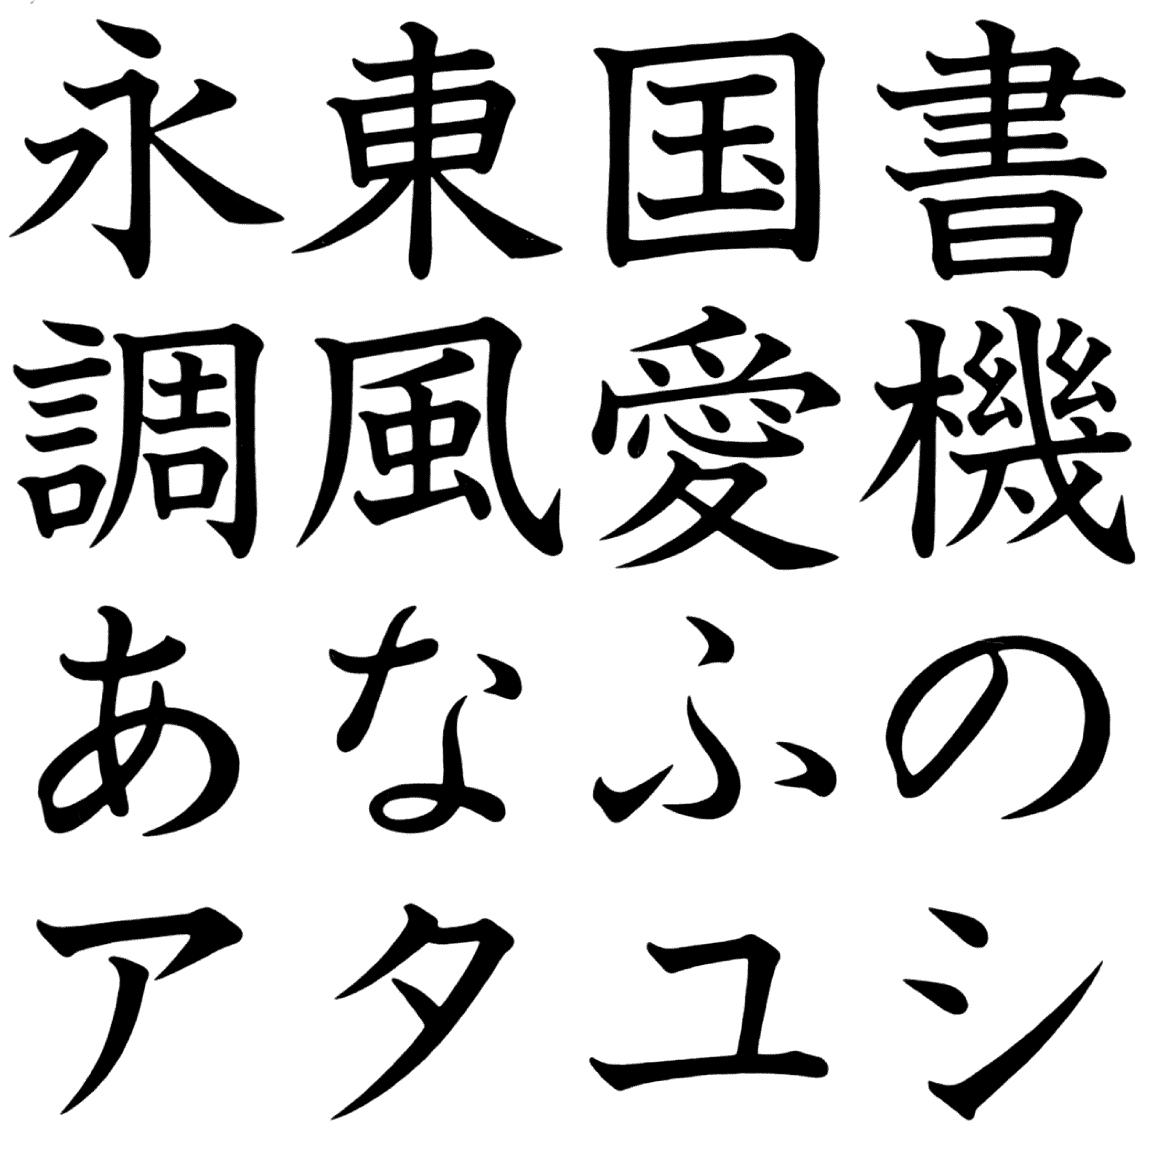 石井太教科書 オールドスタイルかな BT-O 字形見本